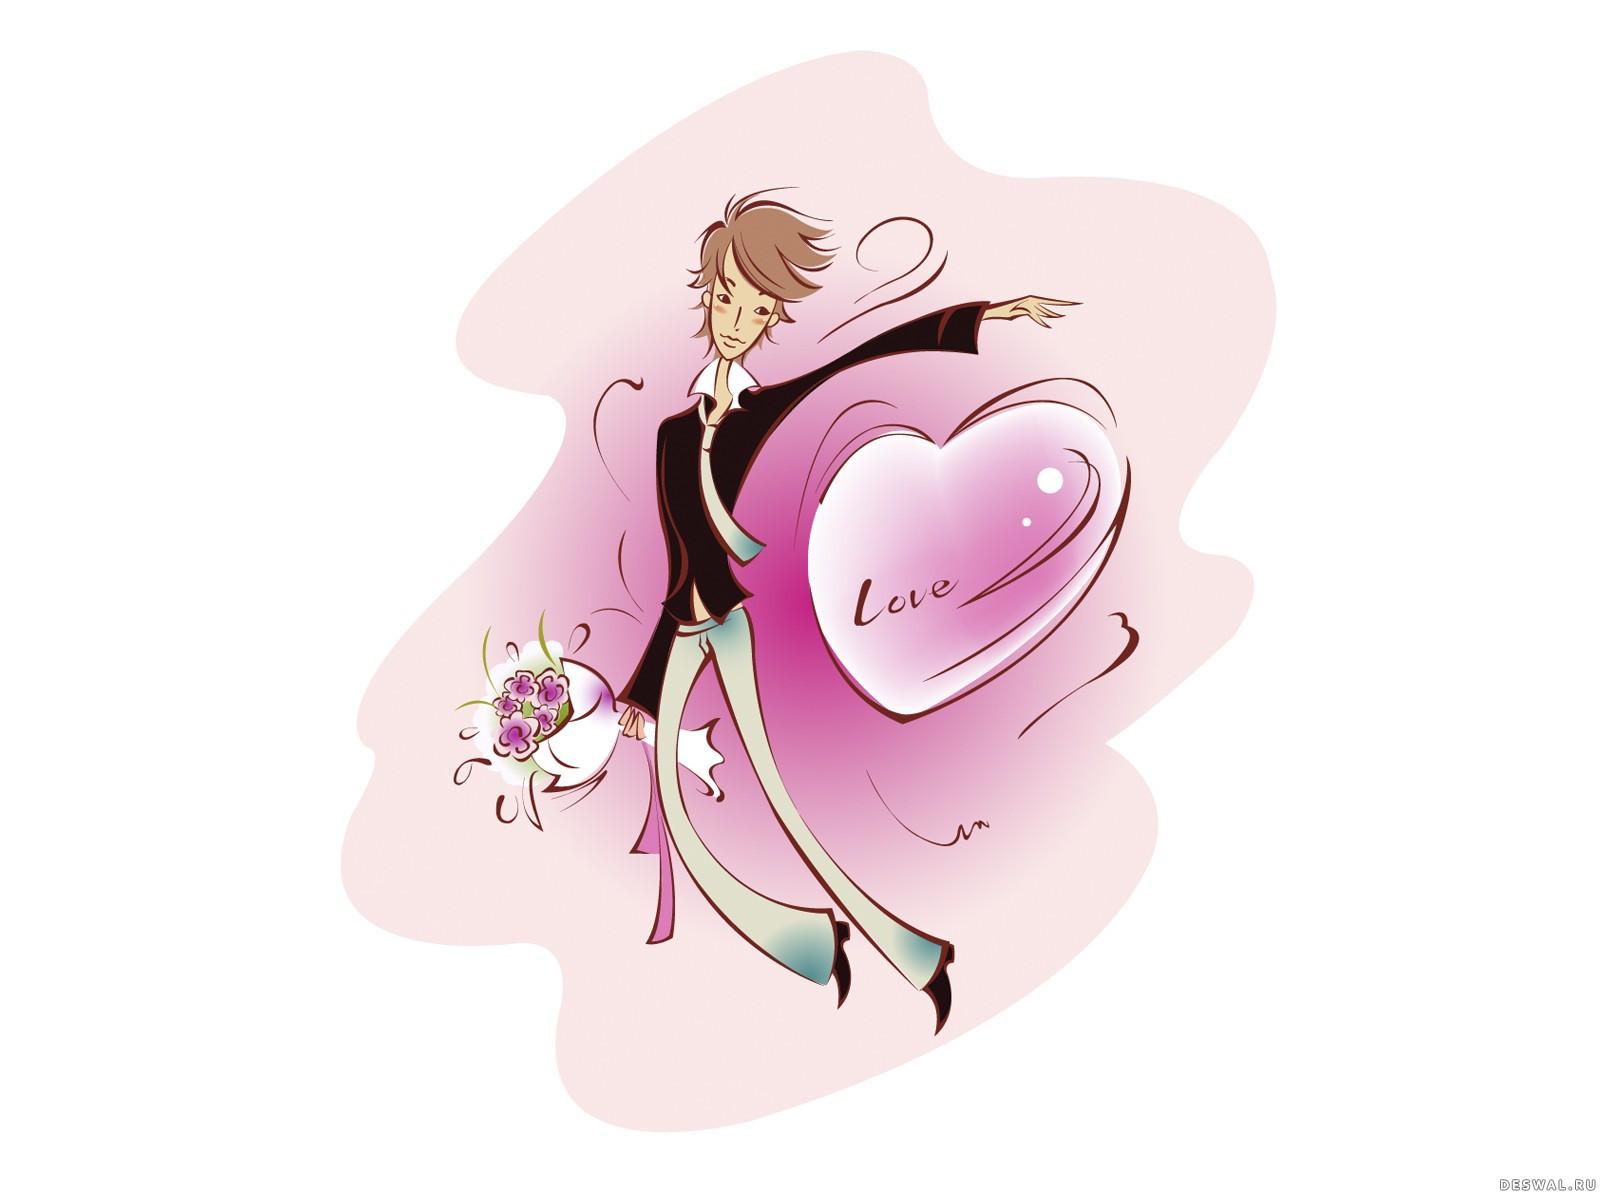 Фото 76. Нажмите на картинку с романтическими обоями - любовь, чтобы просмотреть ее в реальном размере